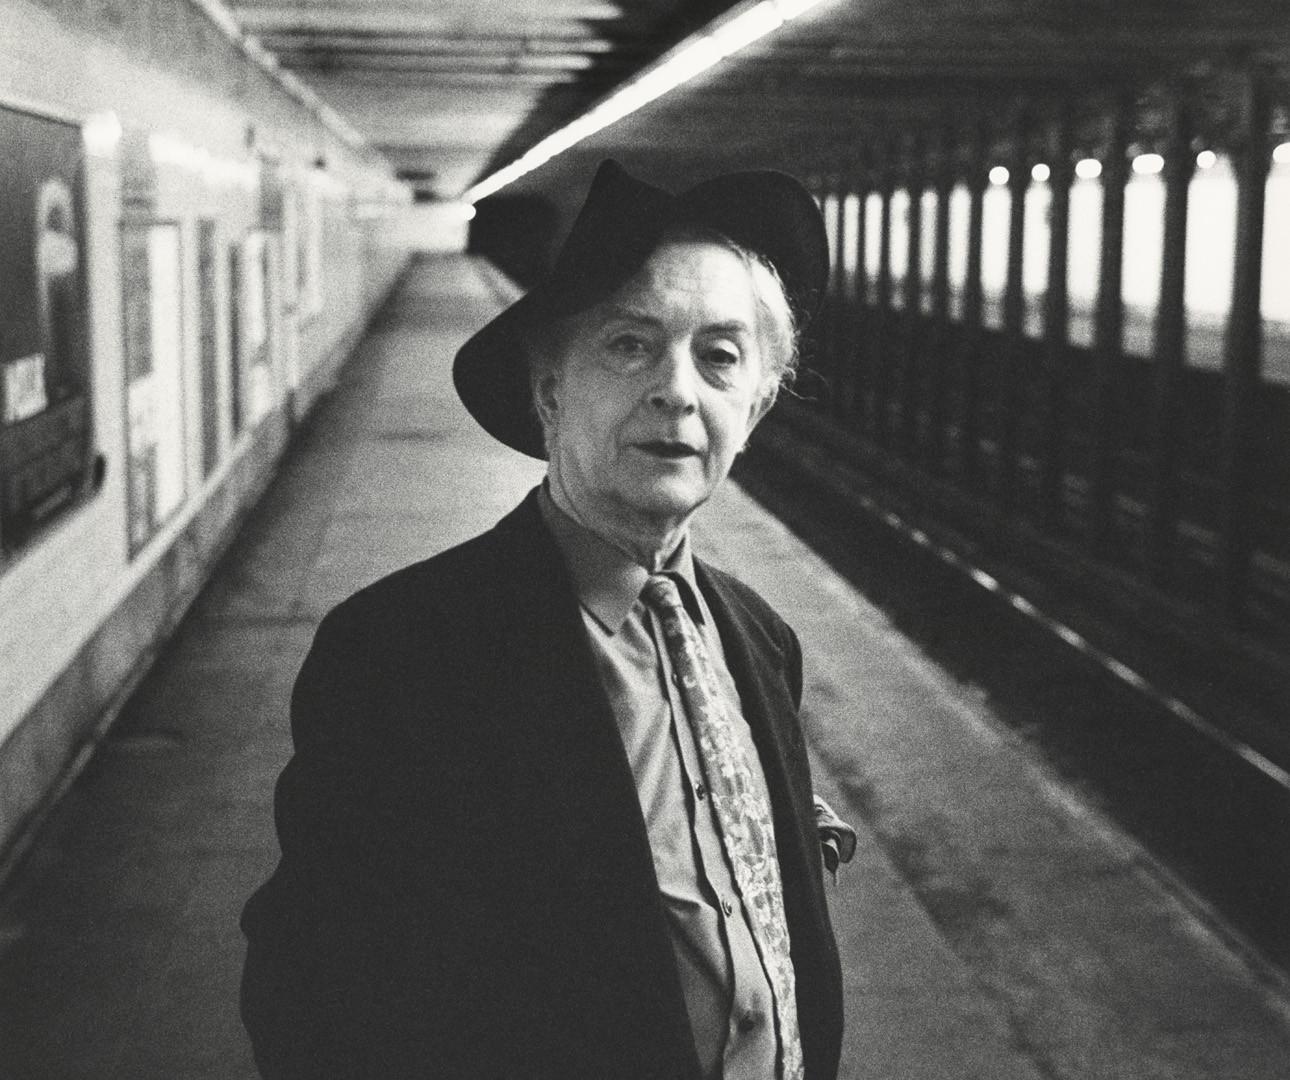 Peter Hujar, Quentin Crisp, 1982